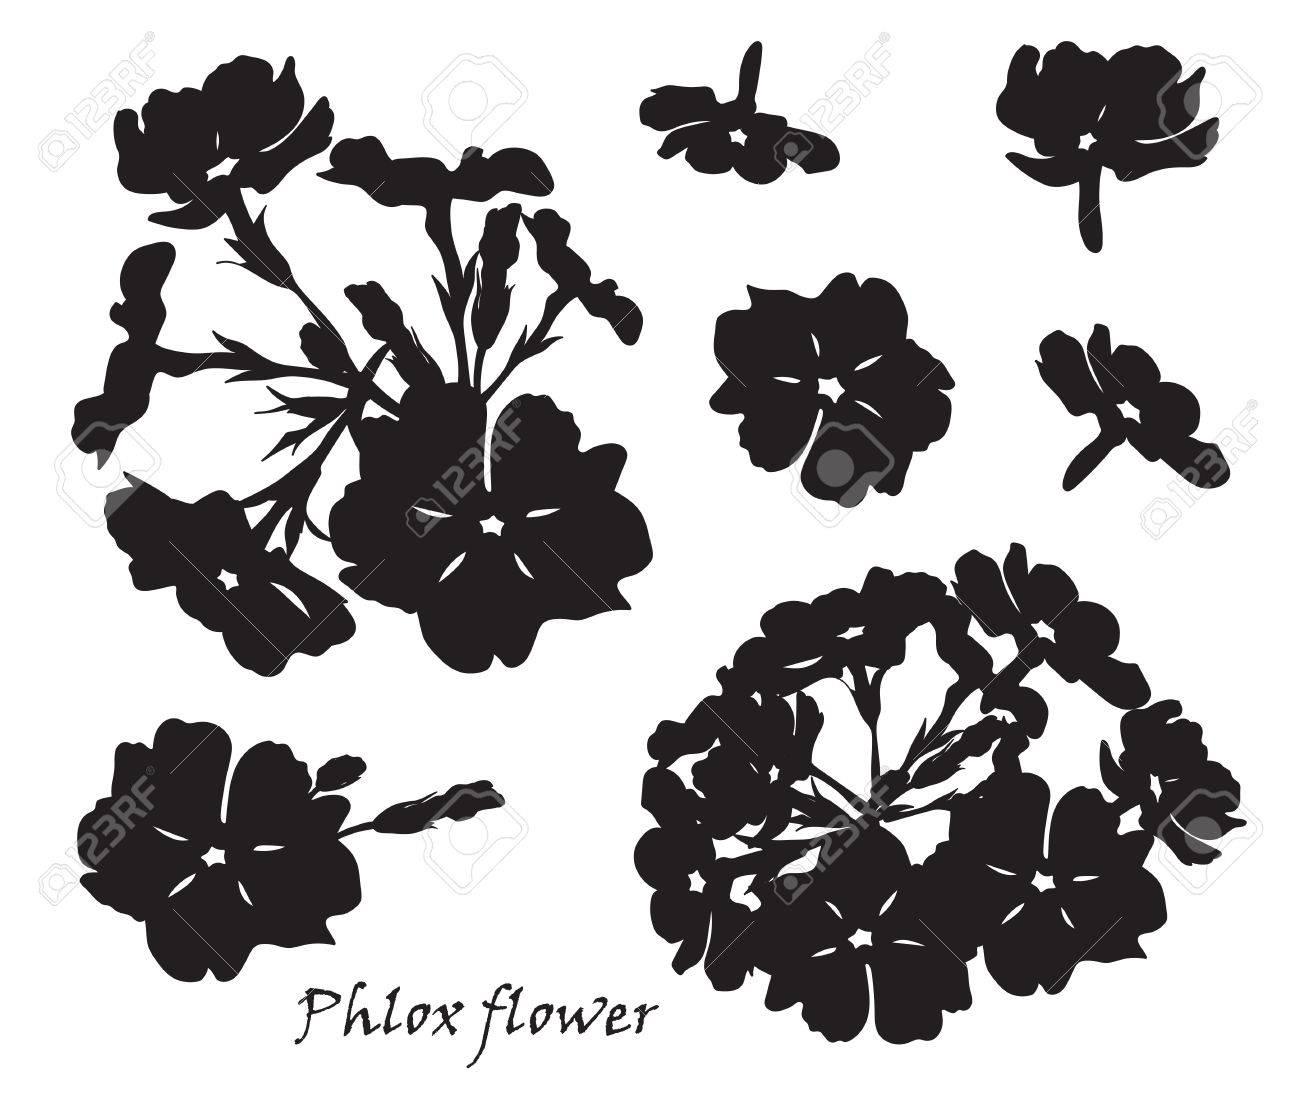 schwarze blattern